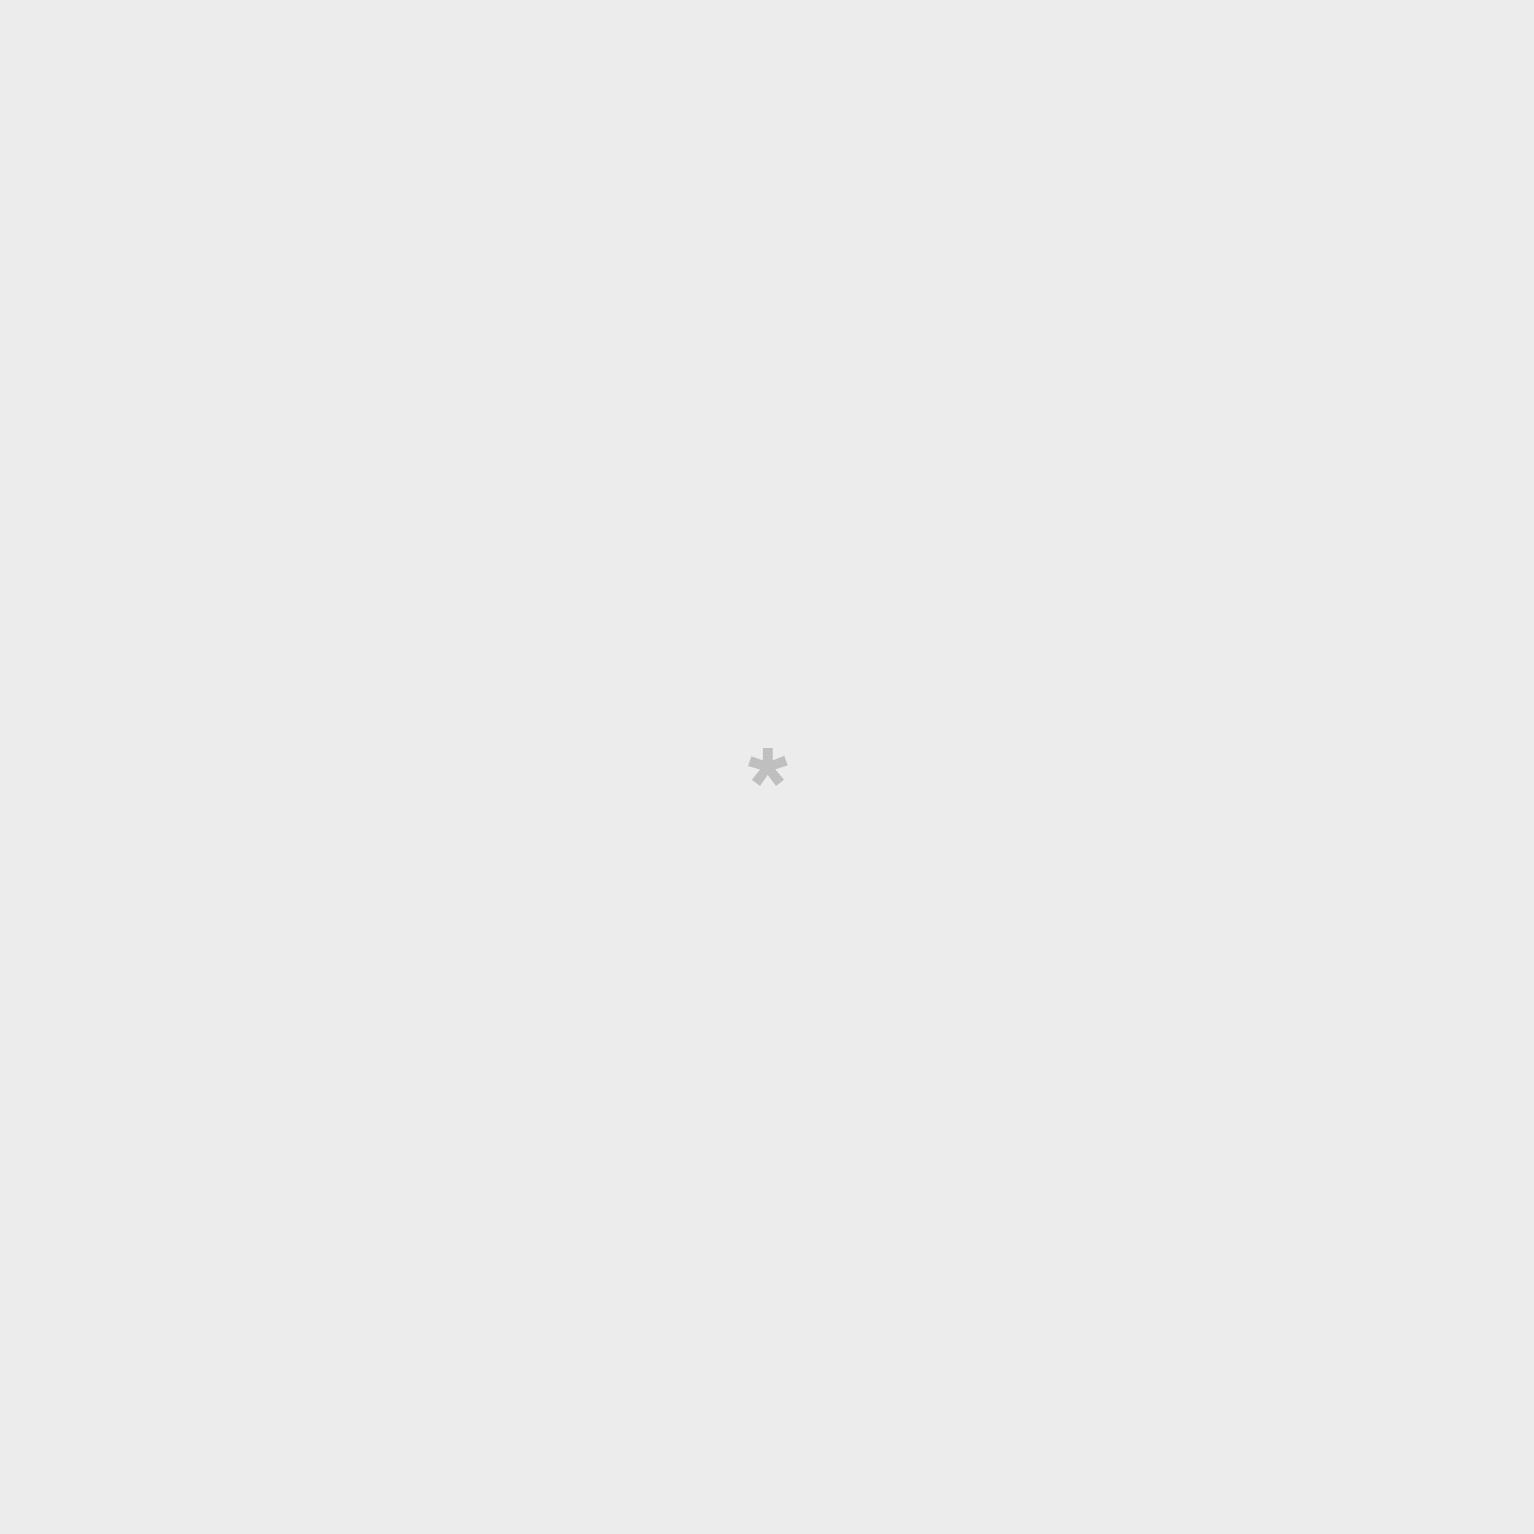 Squishy plush keyring - Panda